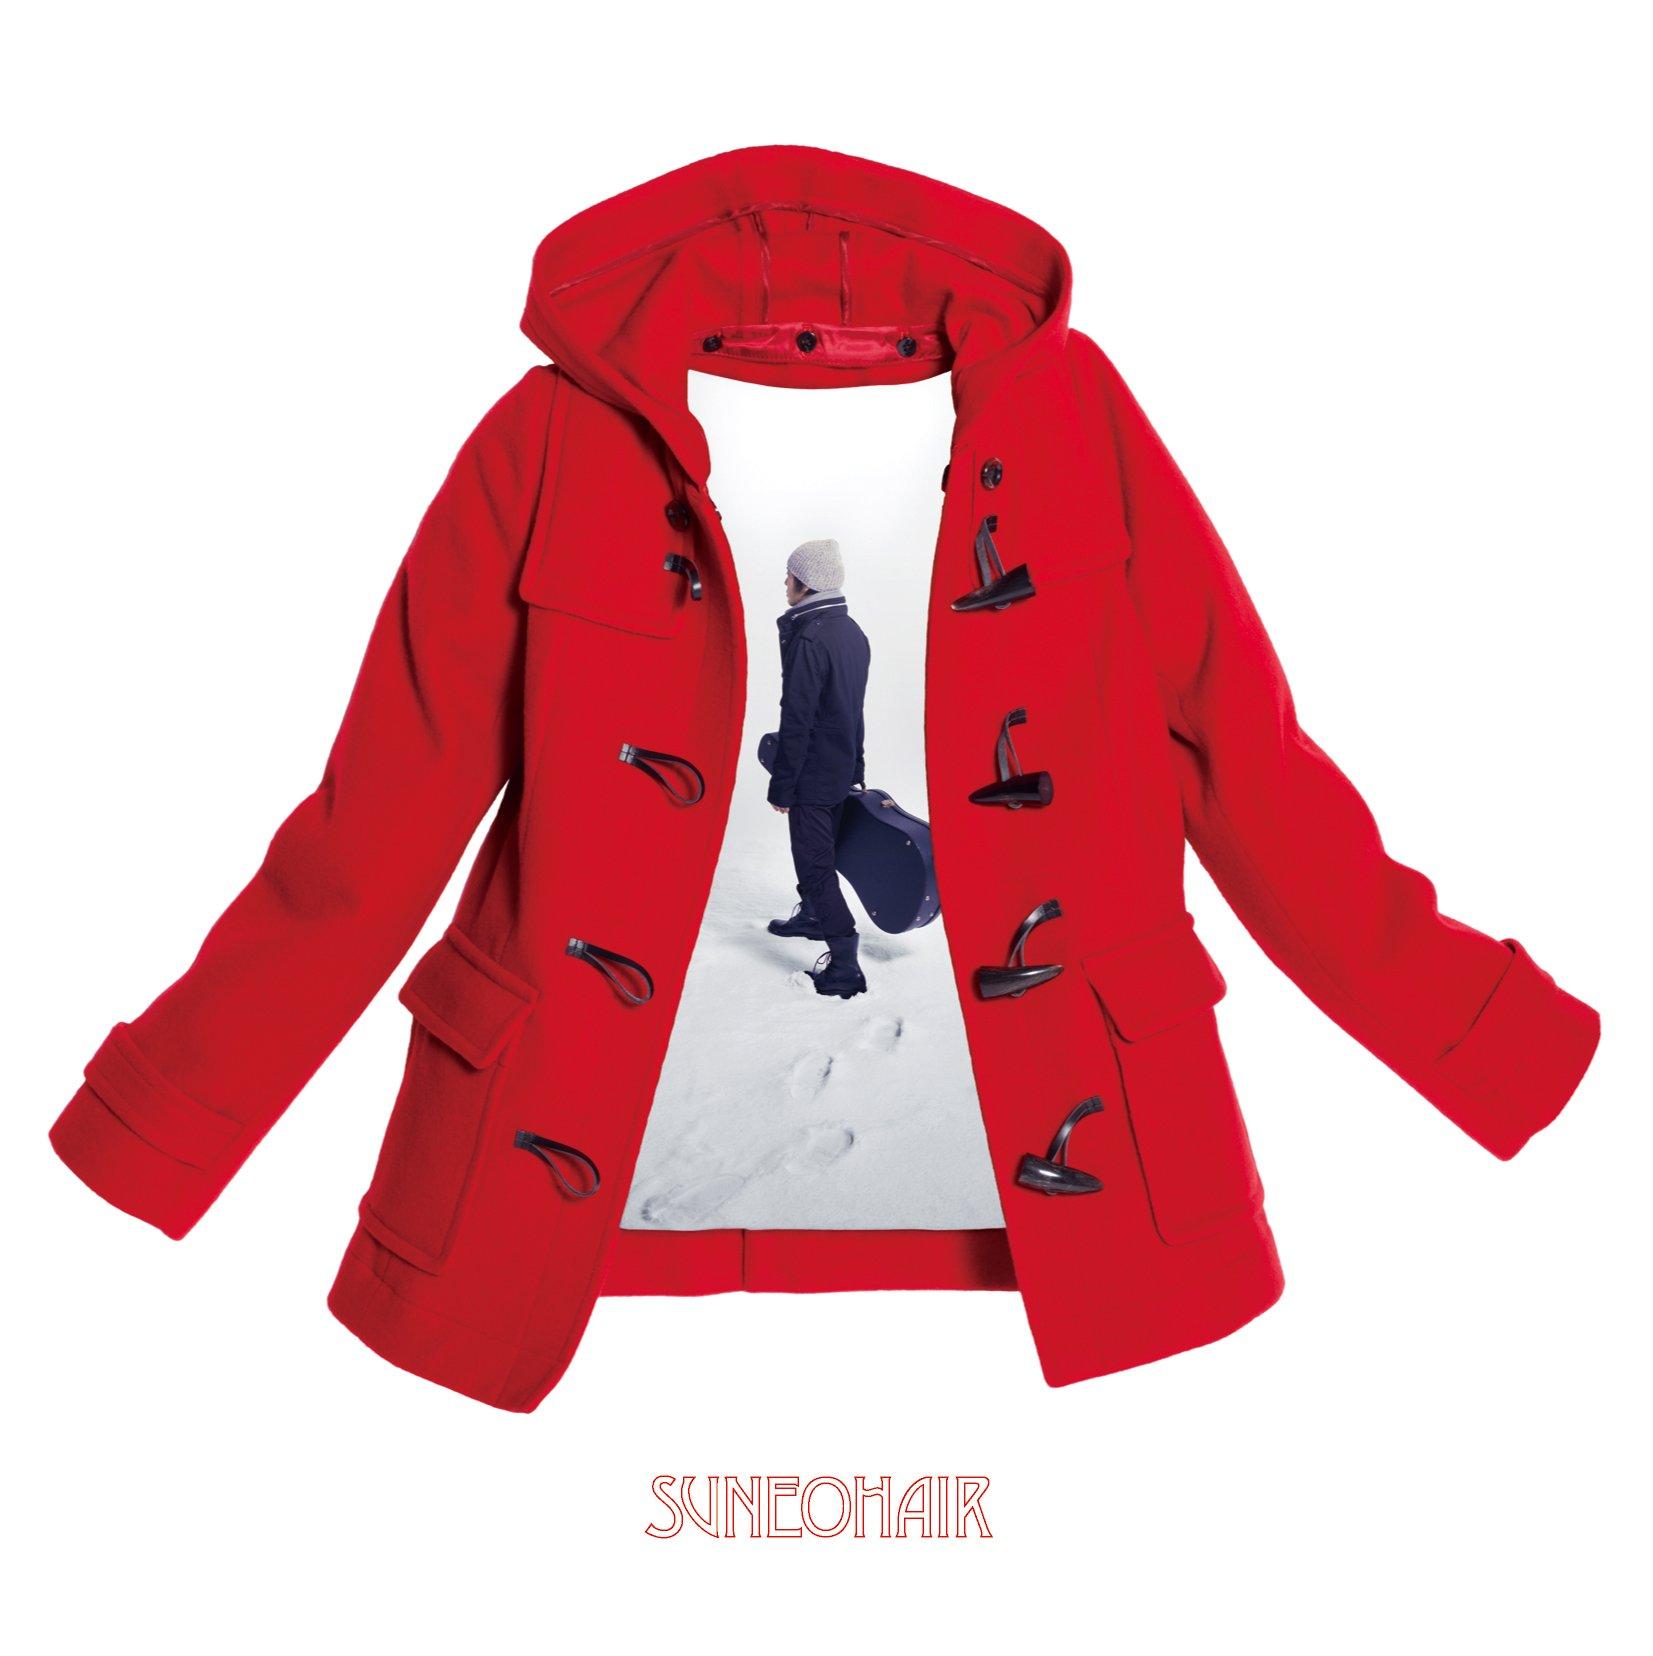 Suneohair_-_Akai_Coat